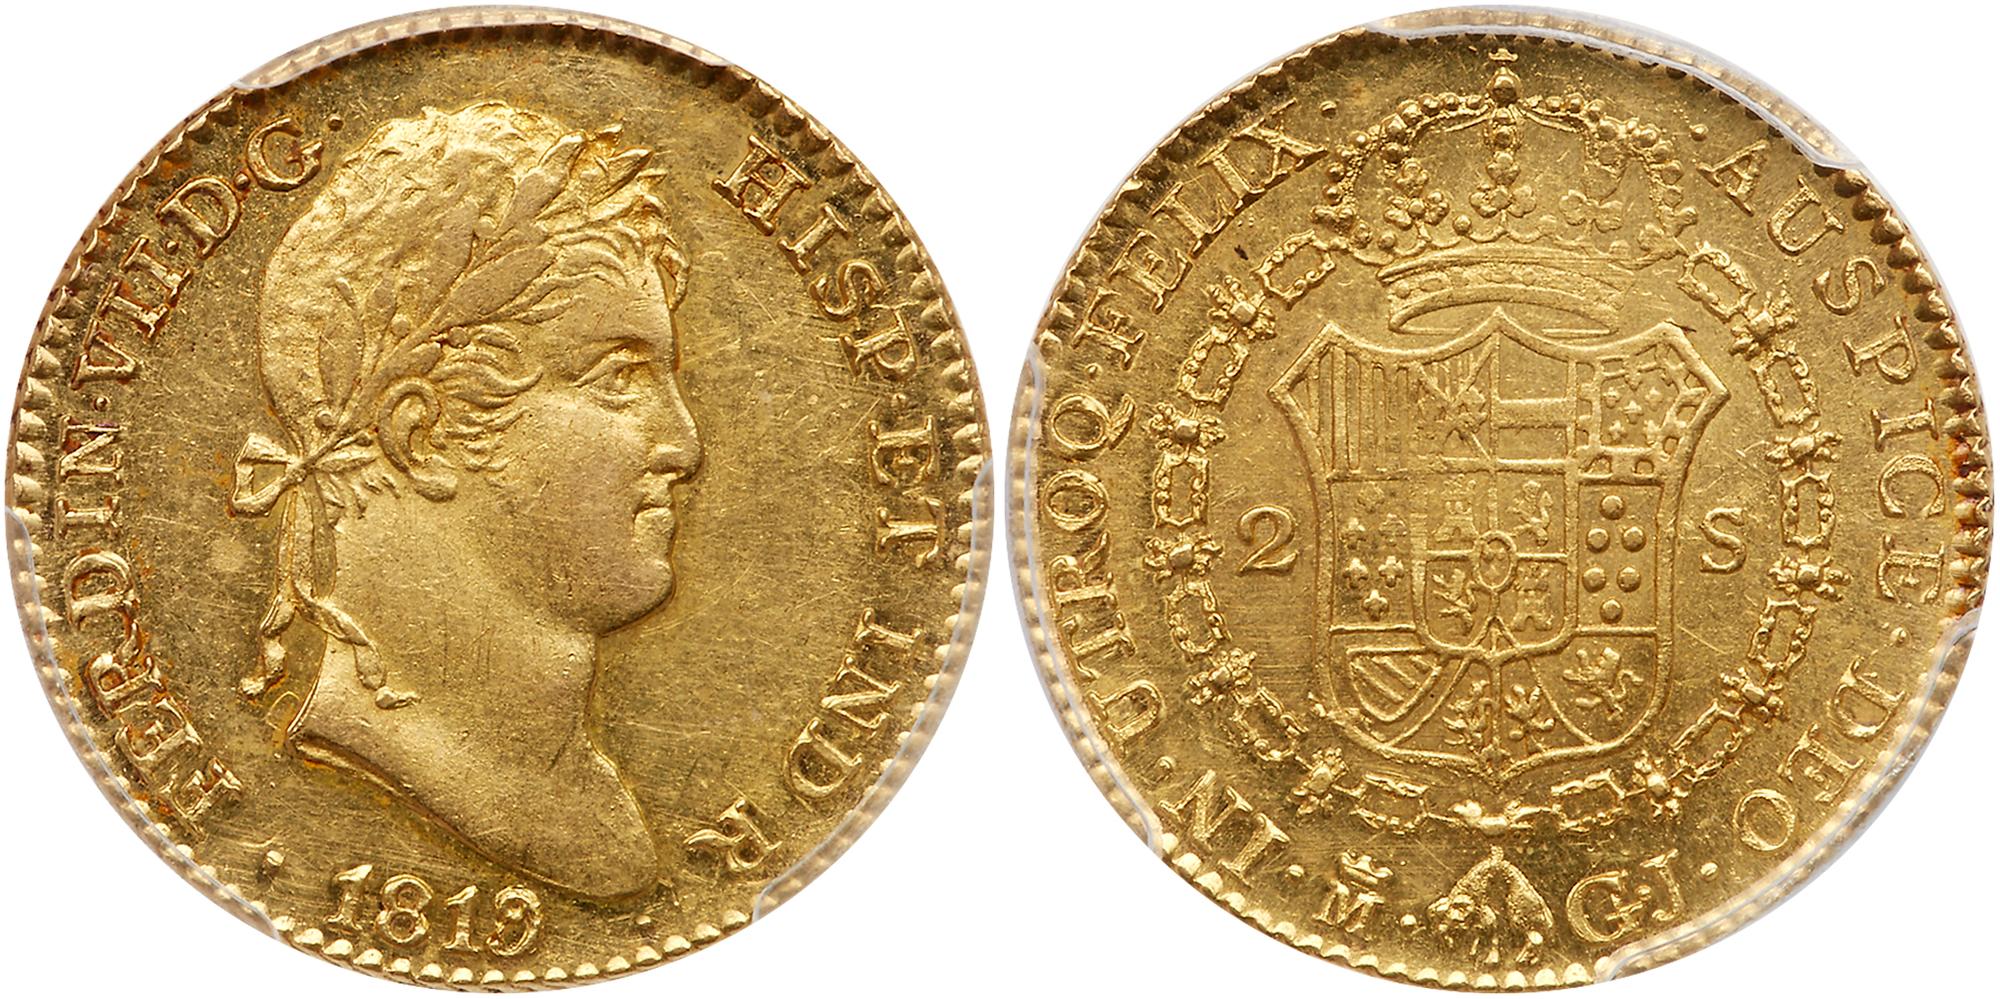 Lot 1894 - Spain. 2 Escudos, 1819-M GJ (Madrid). PCGS MS62